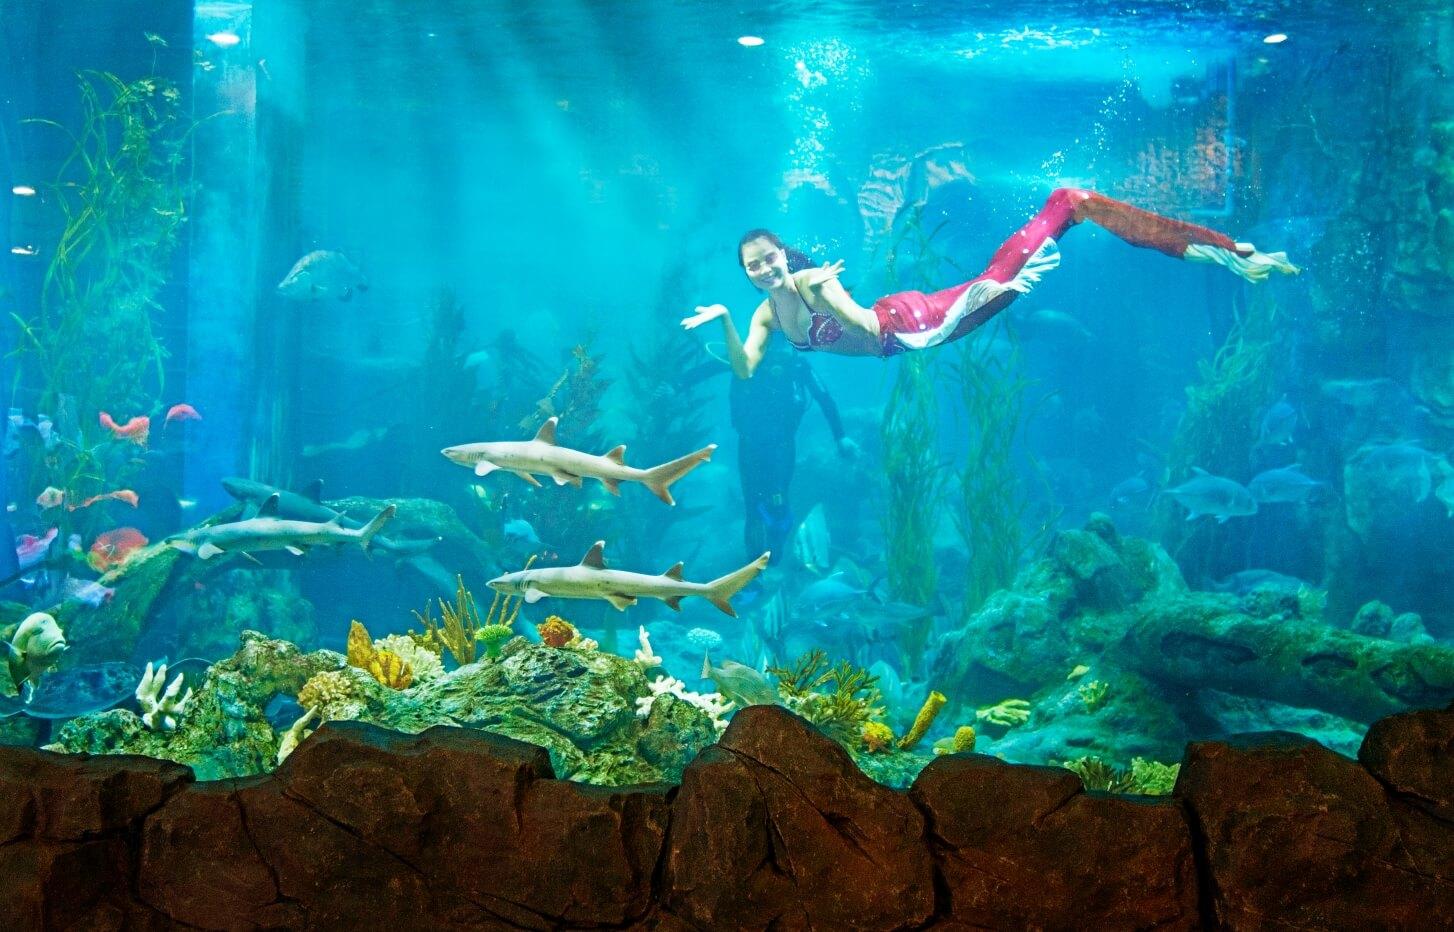 Các nàng tiên cá đang bơi lội trong thuỷ cung Vinpearlland